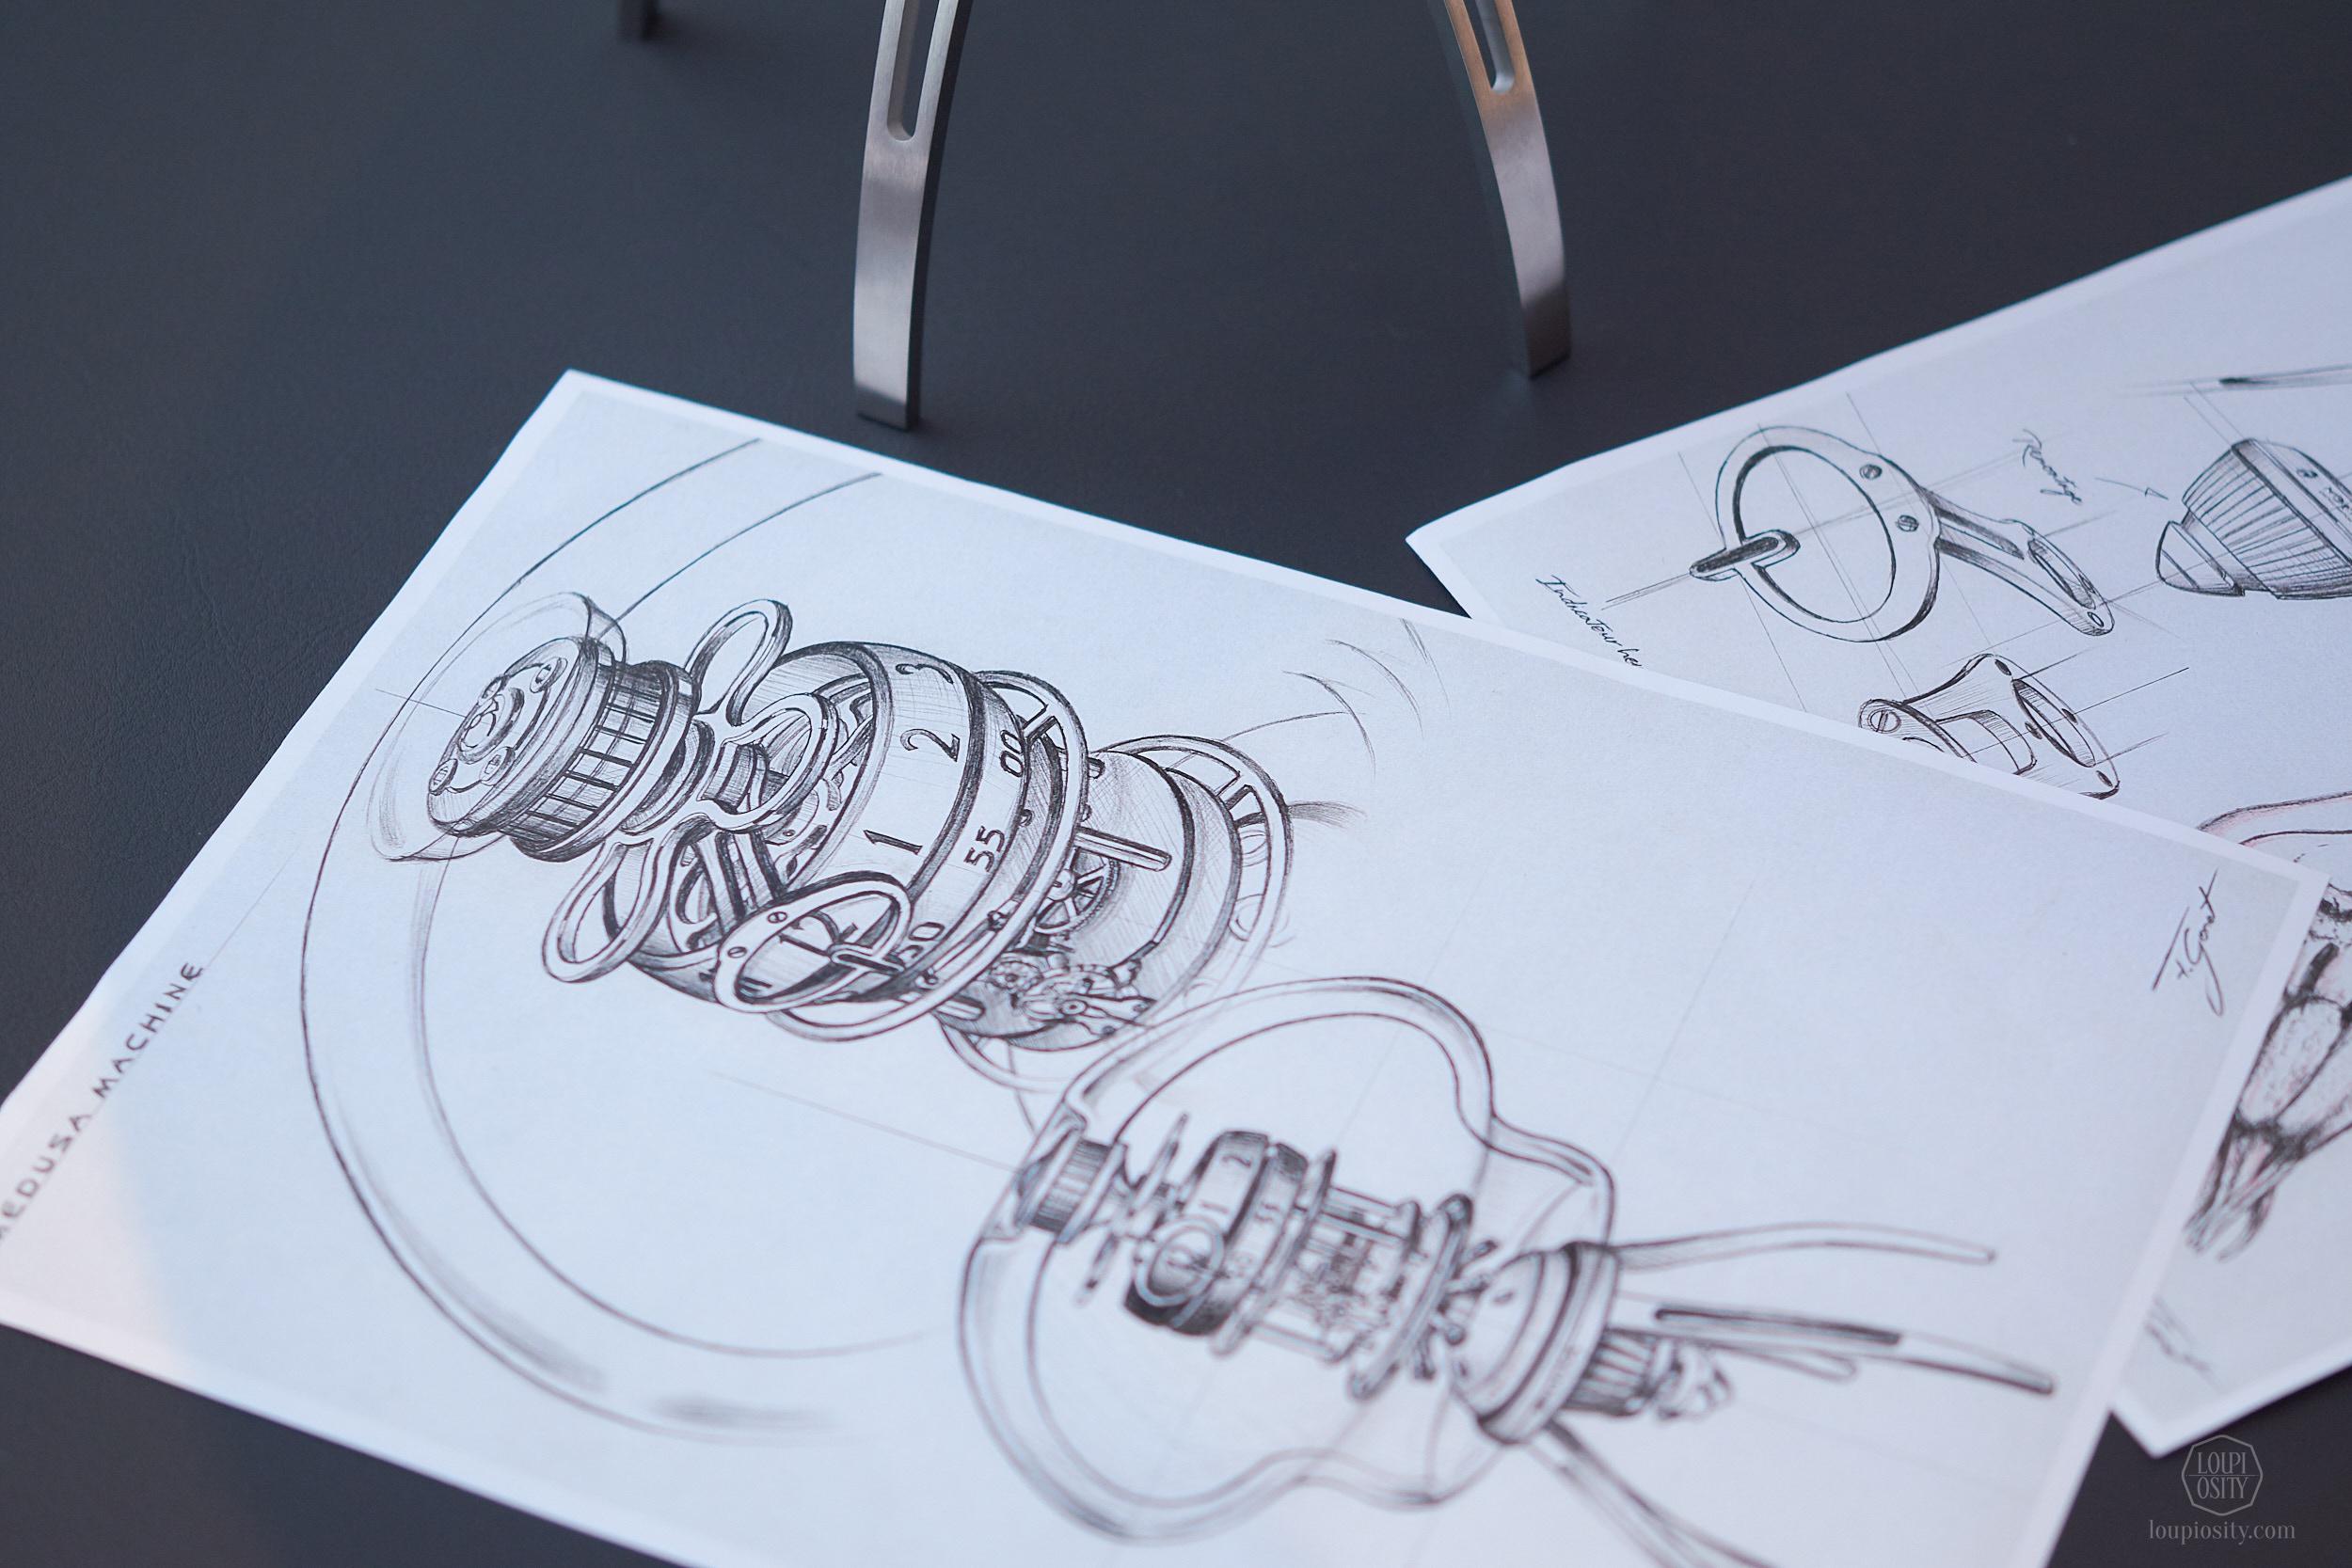 Fabrice Gonet designer's sketches for the Medusa